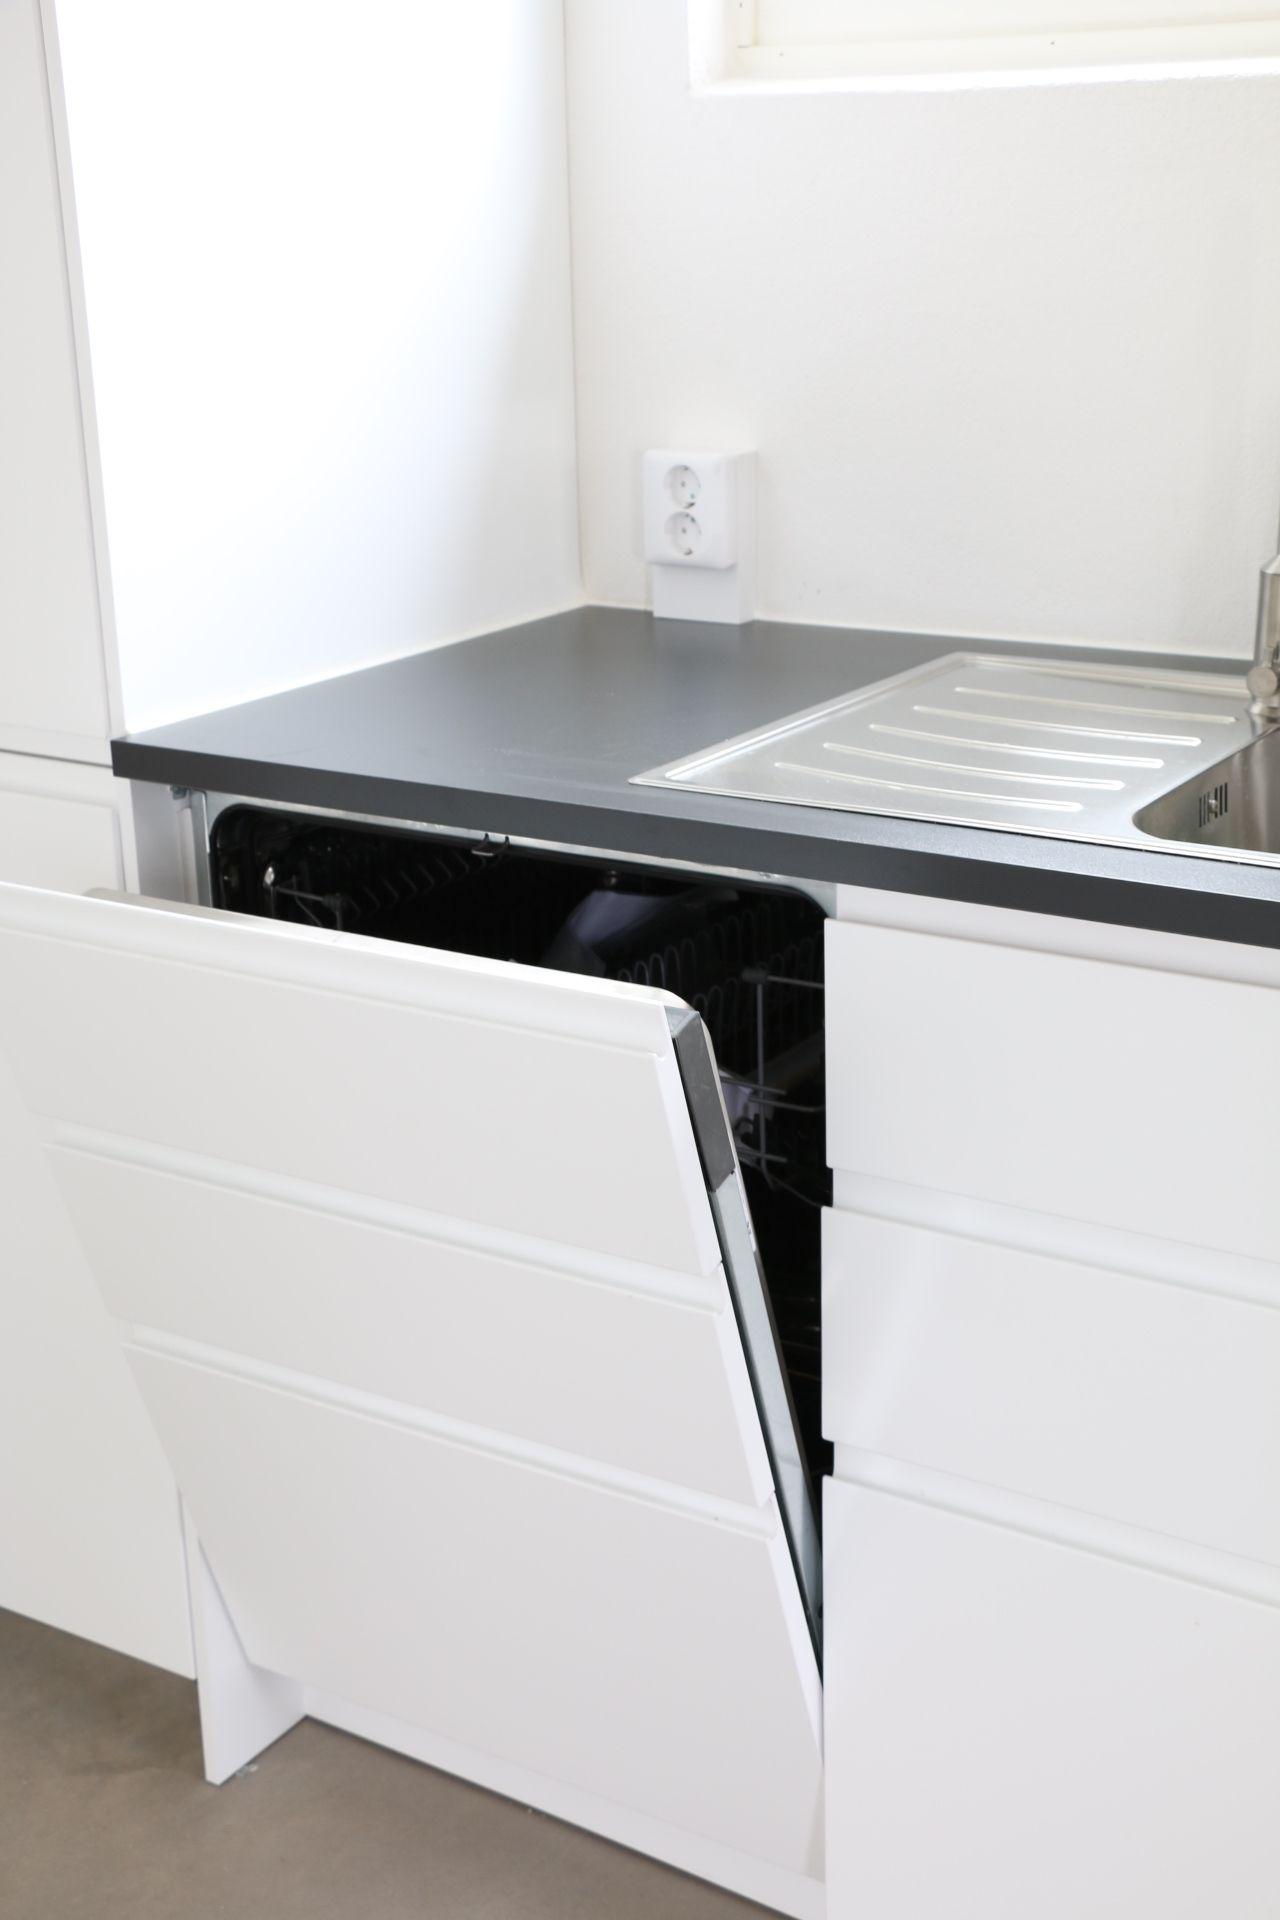 Ikea Voxtorp Integrerad Diskmaskin Ikea Keuken Keukens Keuken Inspiratie